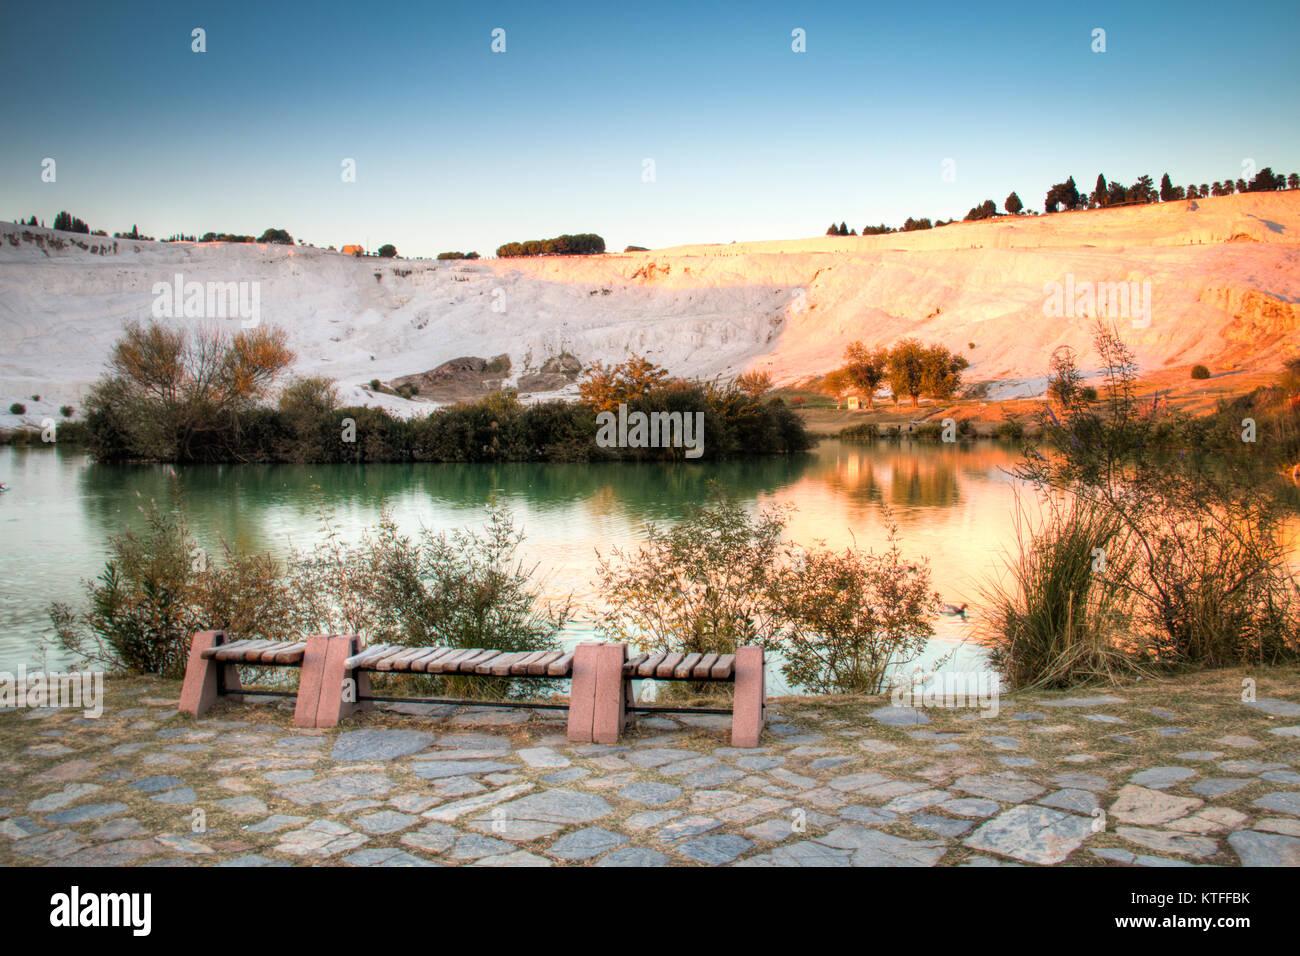 Atardecer en el hermoso paisaje de las piscinas de travertino y terrazas de Pamukkale en Turquía Foto de stock